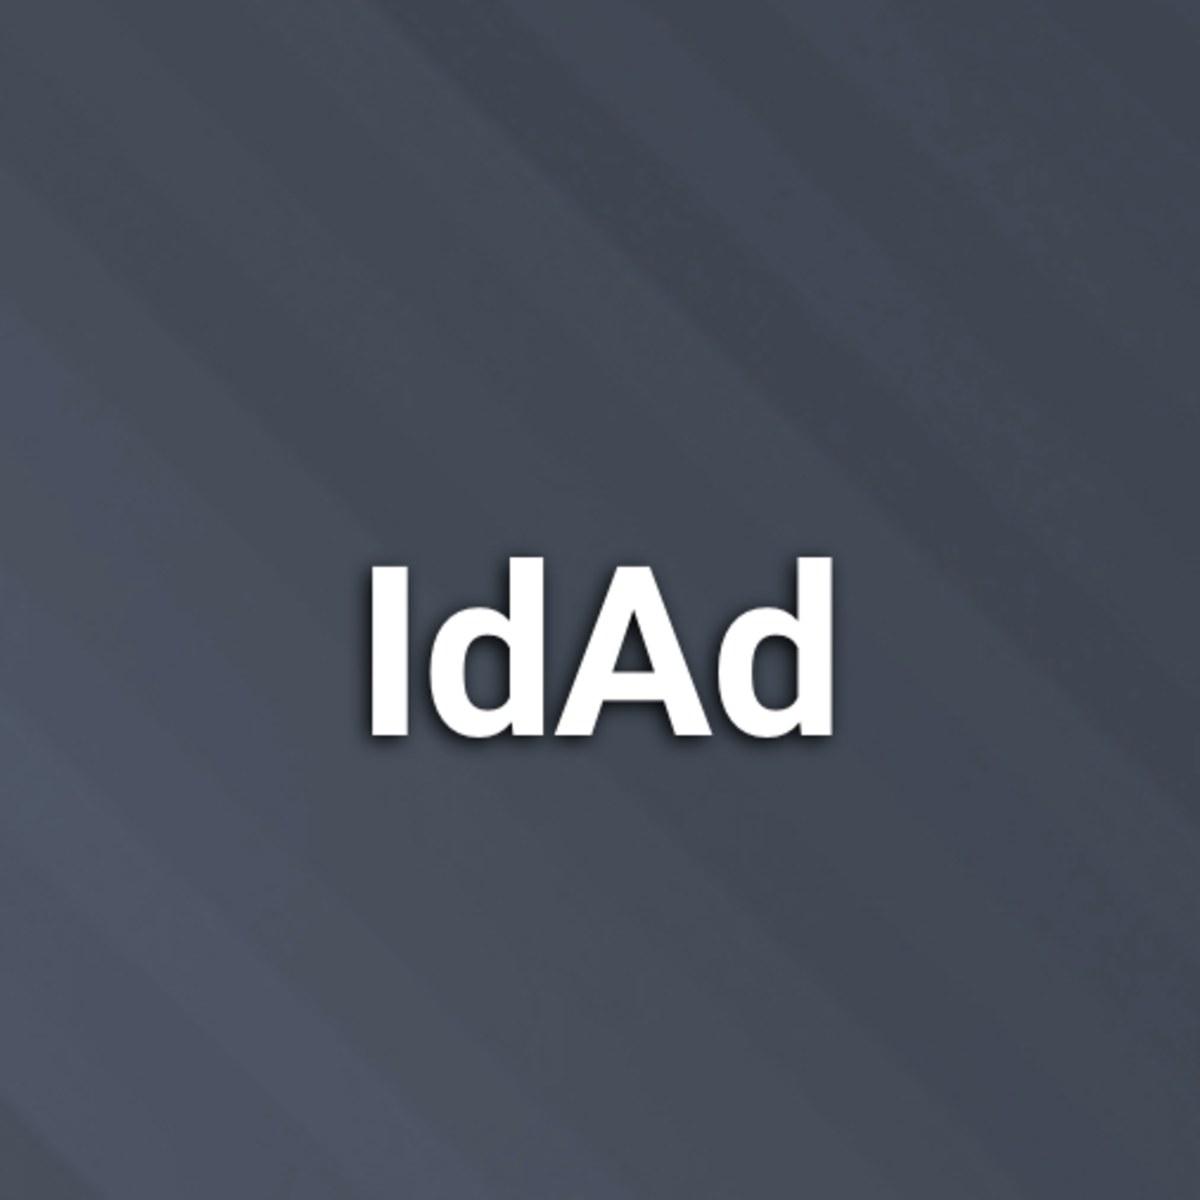 Inspirasi Bridesmaid Indonesia Hijab X8d1 the Movie Dialog Dataset